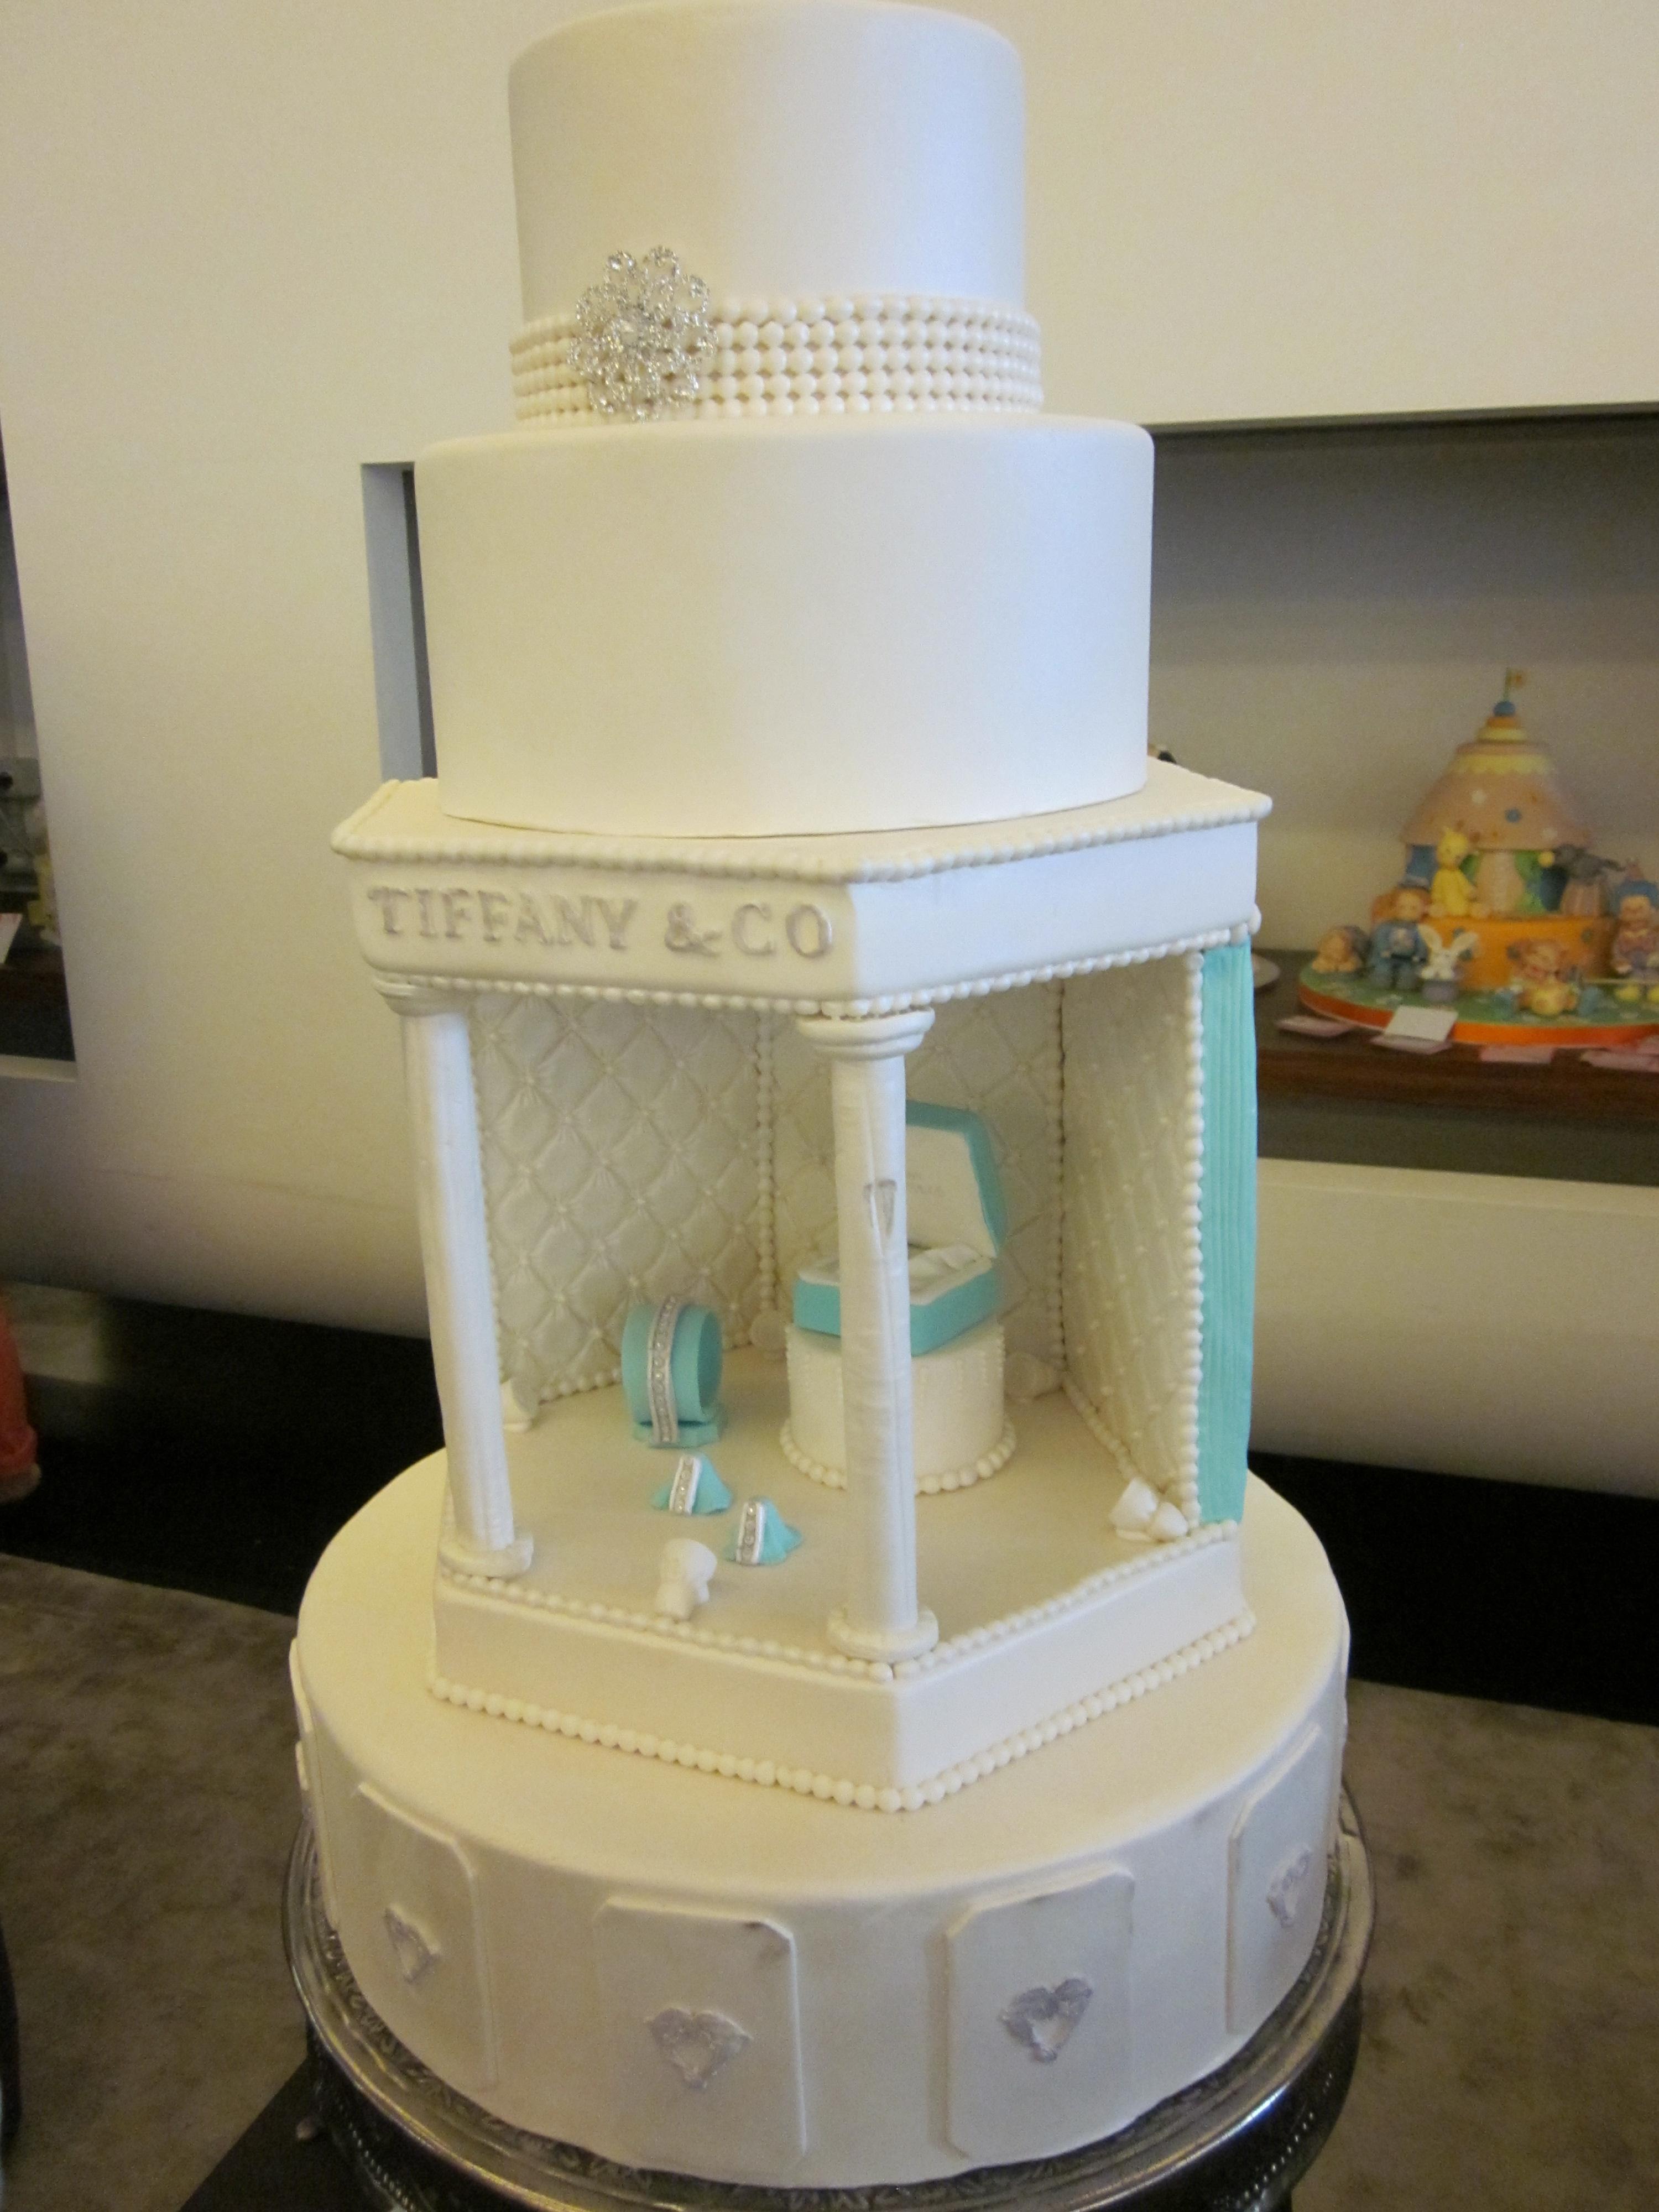 Offerte Lavoro Cake Design Milano :   Pagina non trovata.